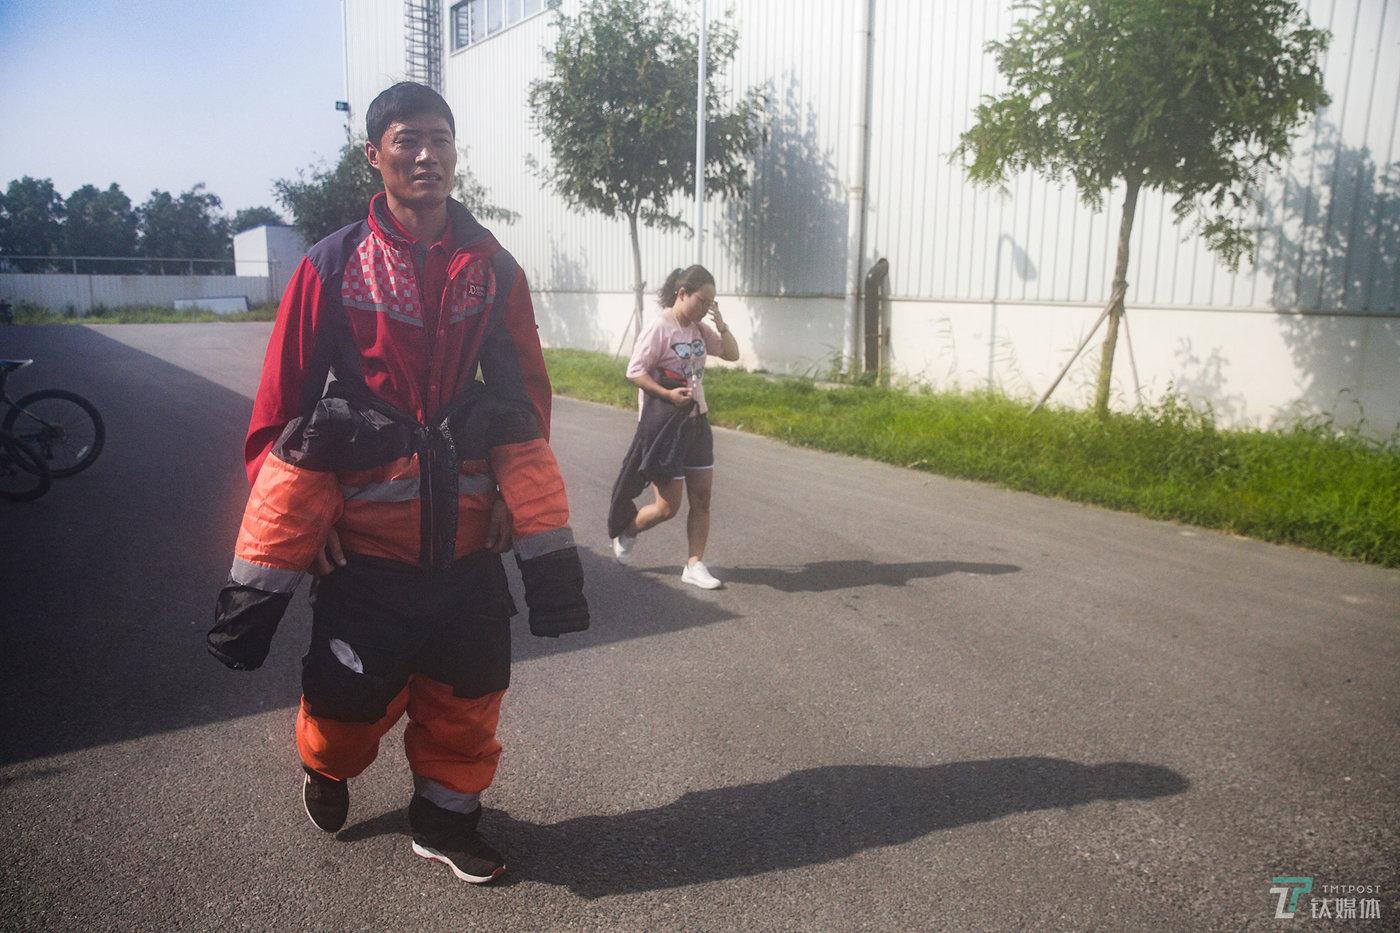 """拣货员可以根据自己的情况在工作间隙安排休息,张修景每天会到冷库外""""取暖""""2~3次,每次10分钟左右。8月2日,北京马驹桥一带最高气温一度达到32℃,从-18℃到32℃,温差50度的环境下,张修景不能直接把厚重的工作棉服脱掉。"""